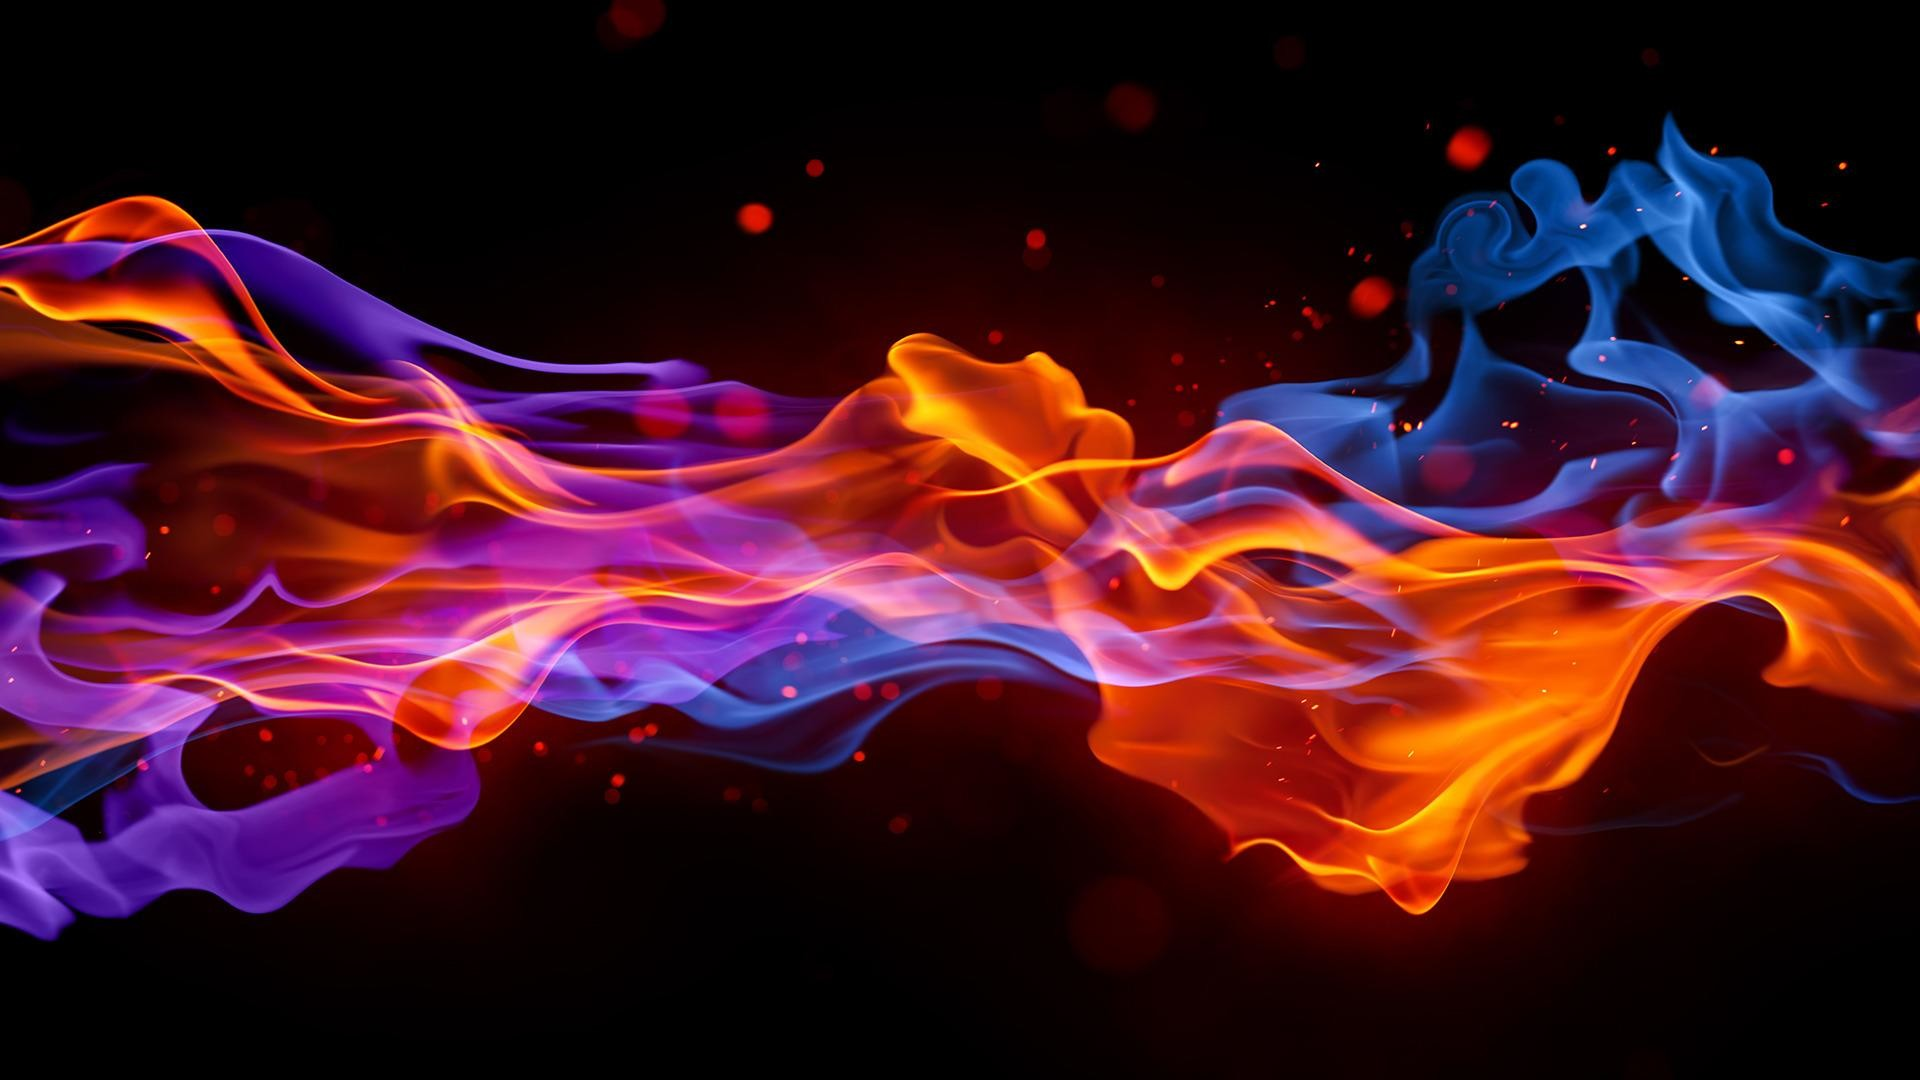 Red Fire Flames Hd Wallpaper | Wallpaper List